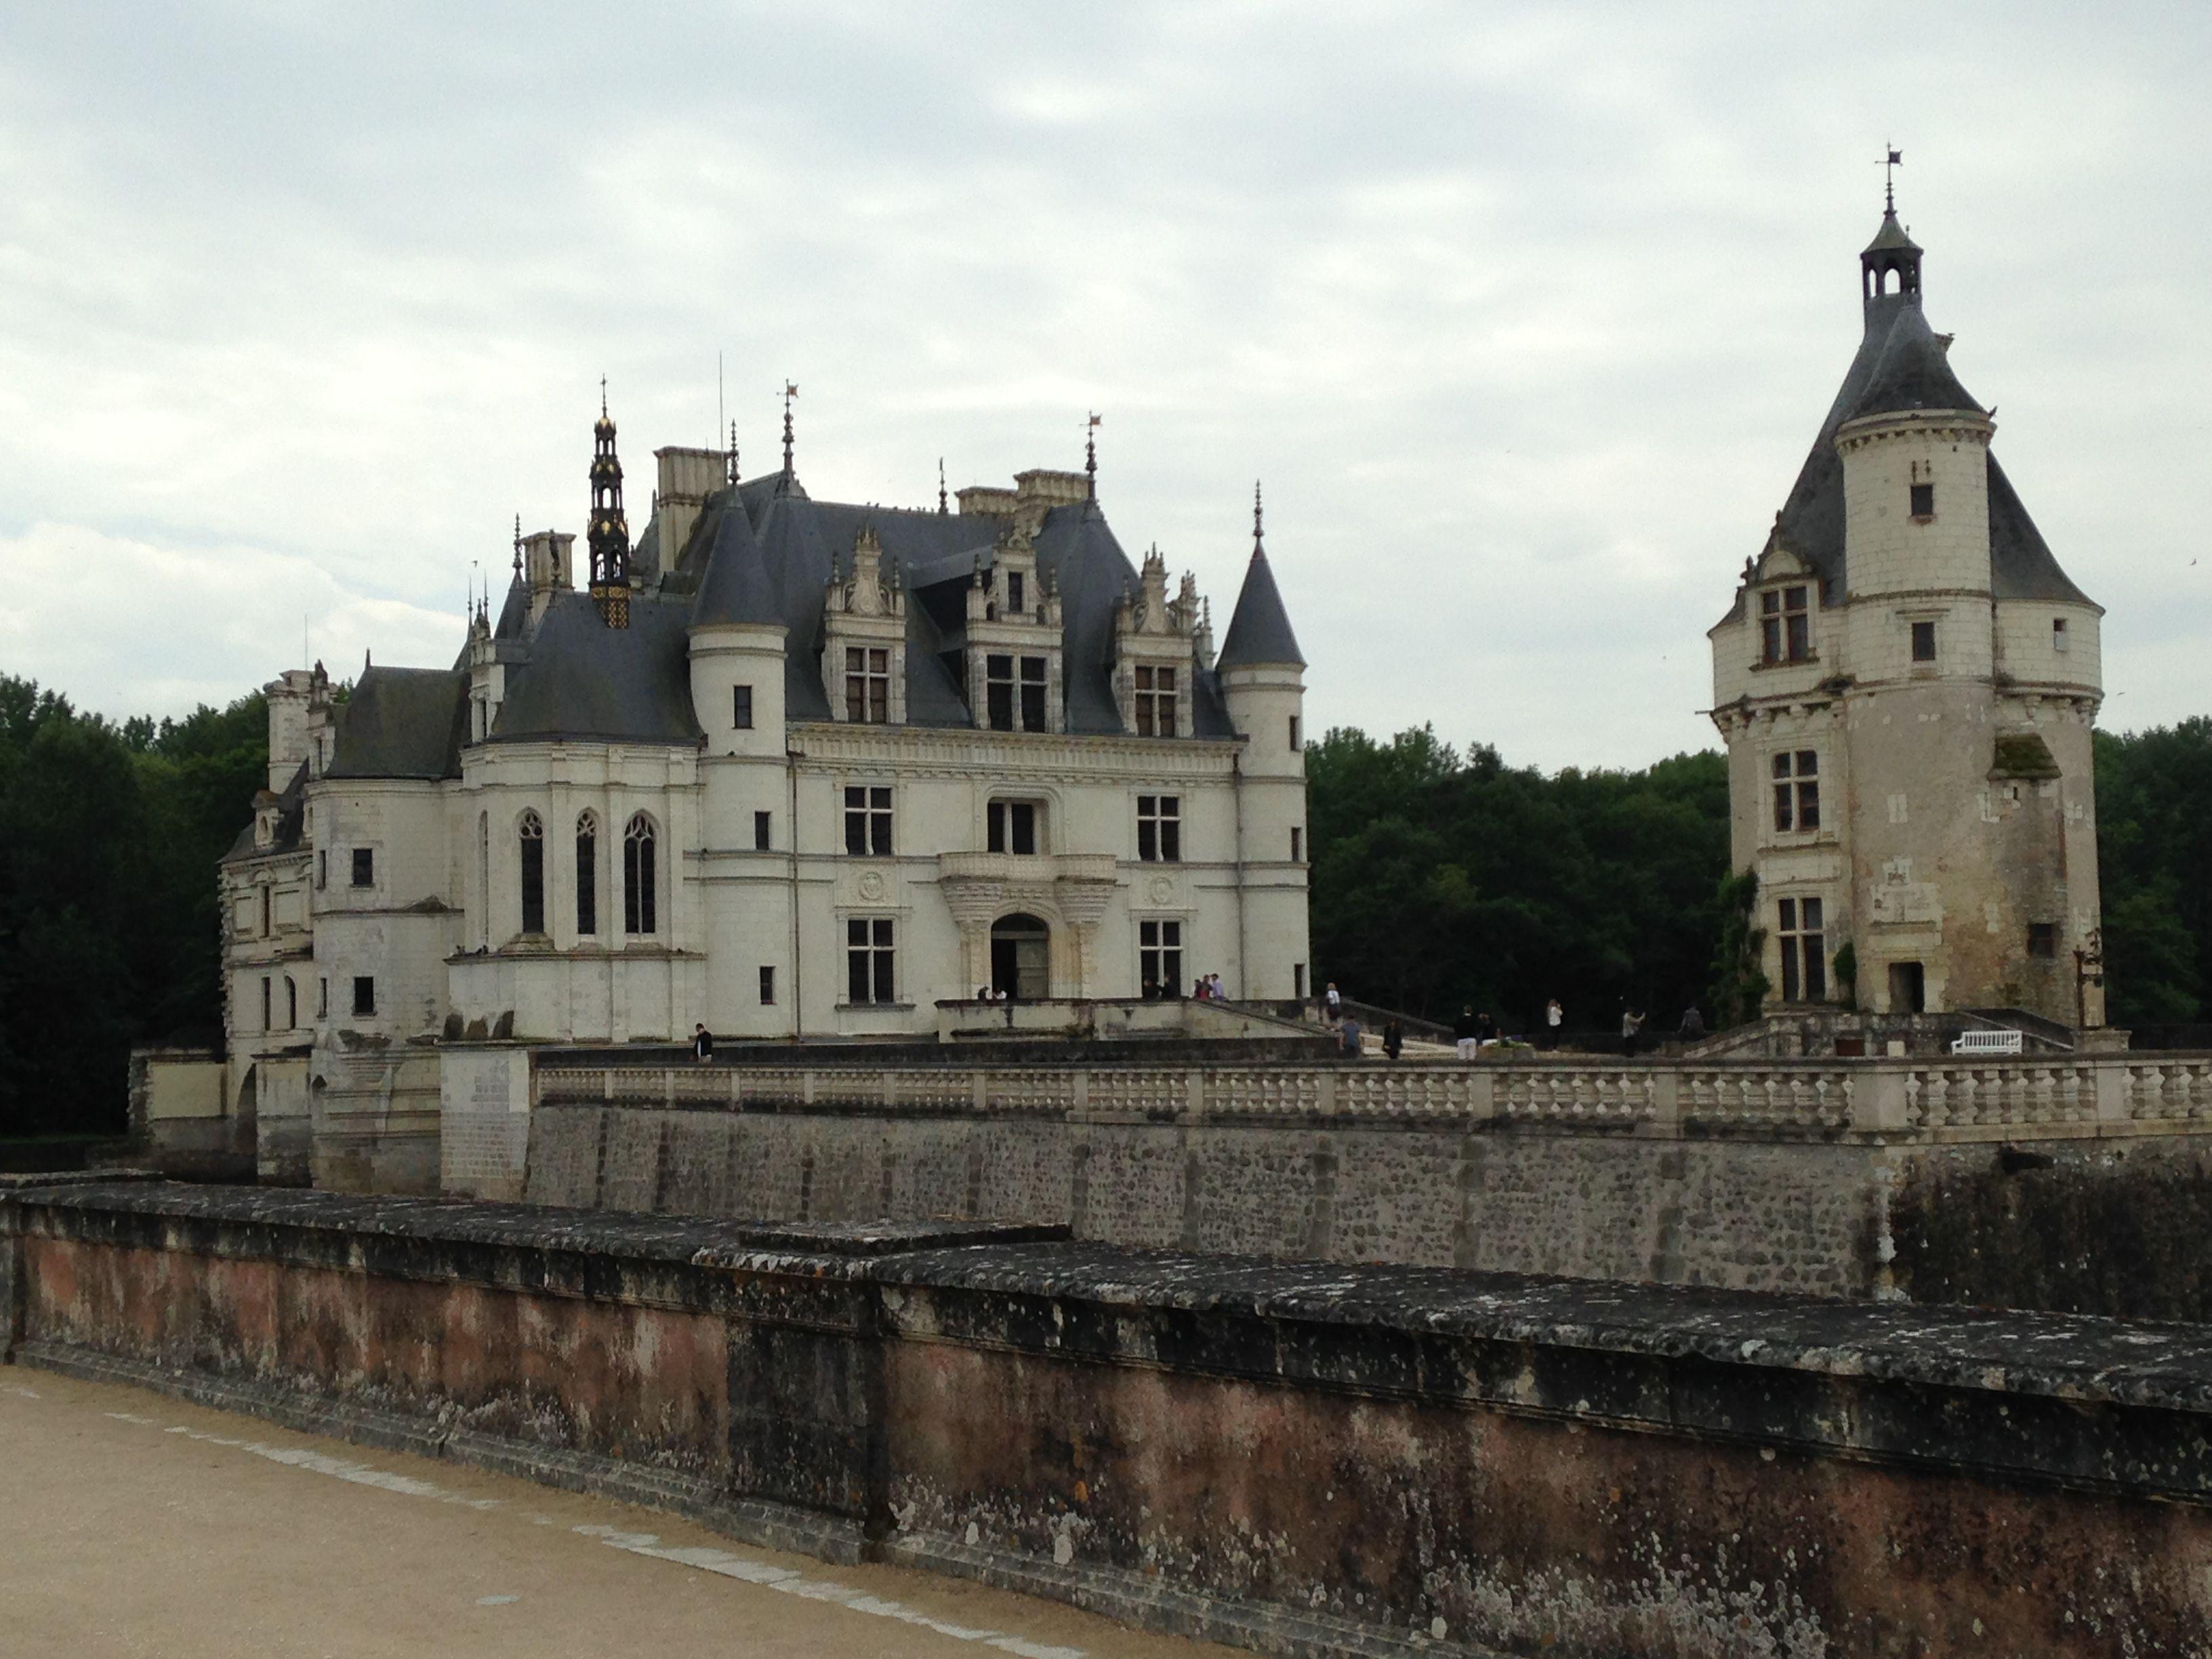 Château de chambord france